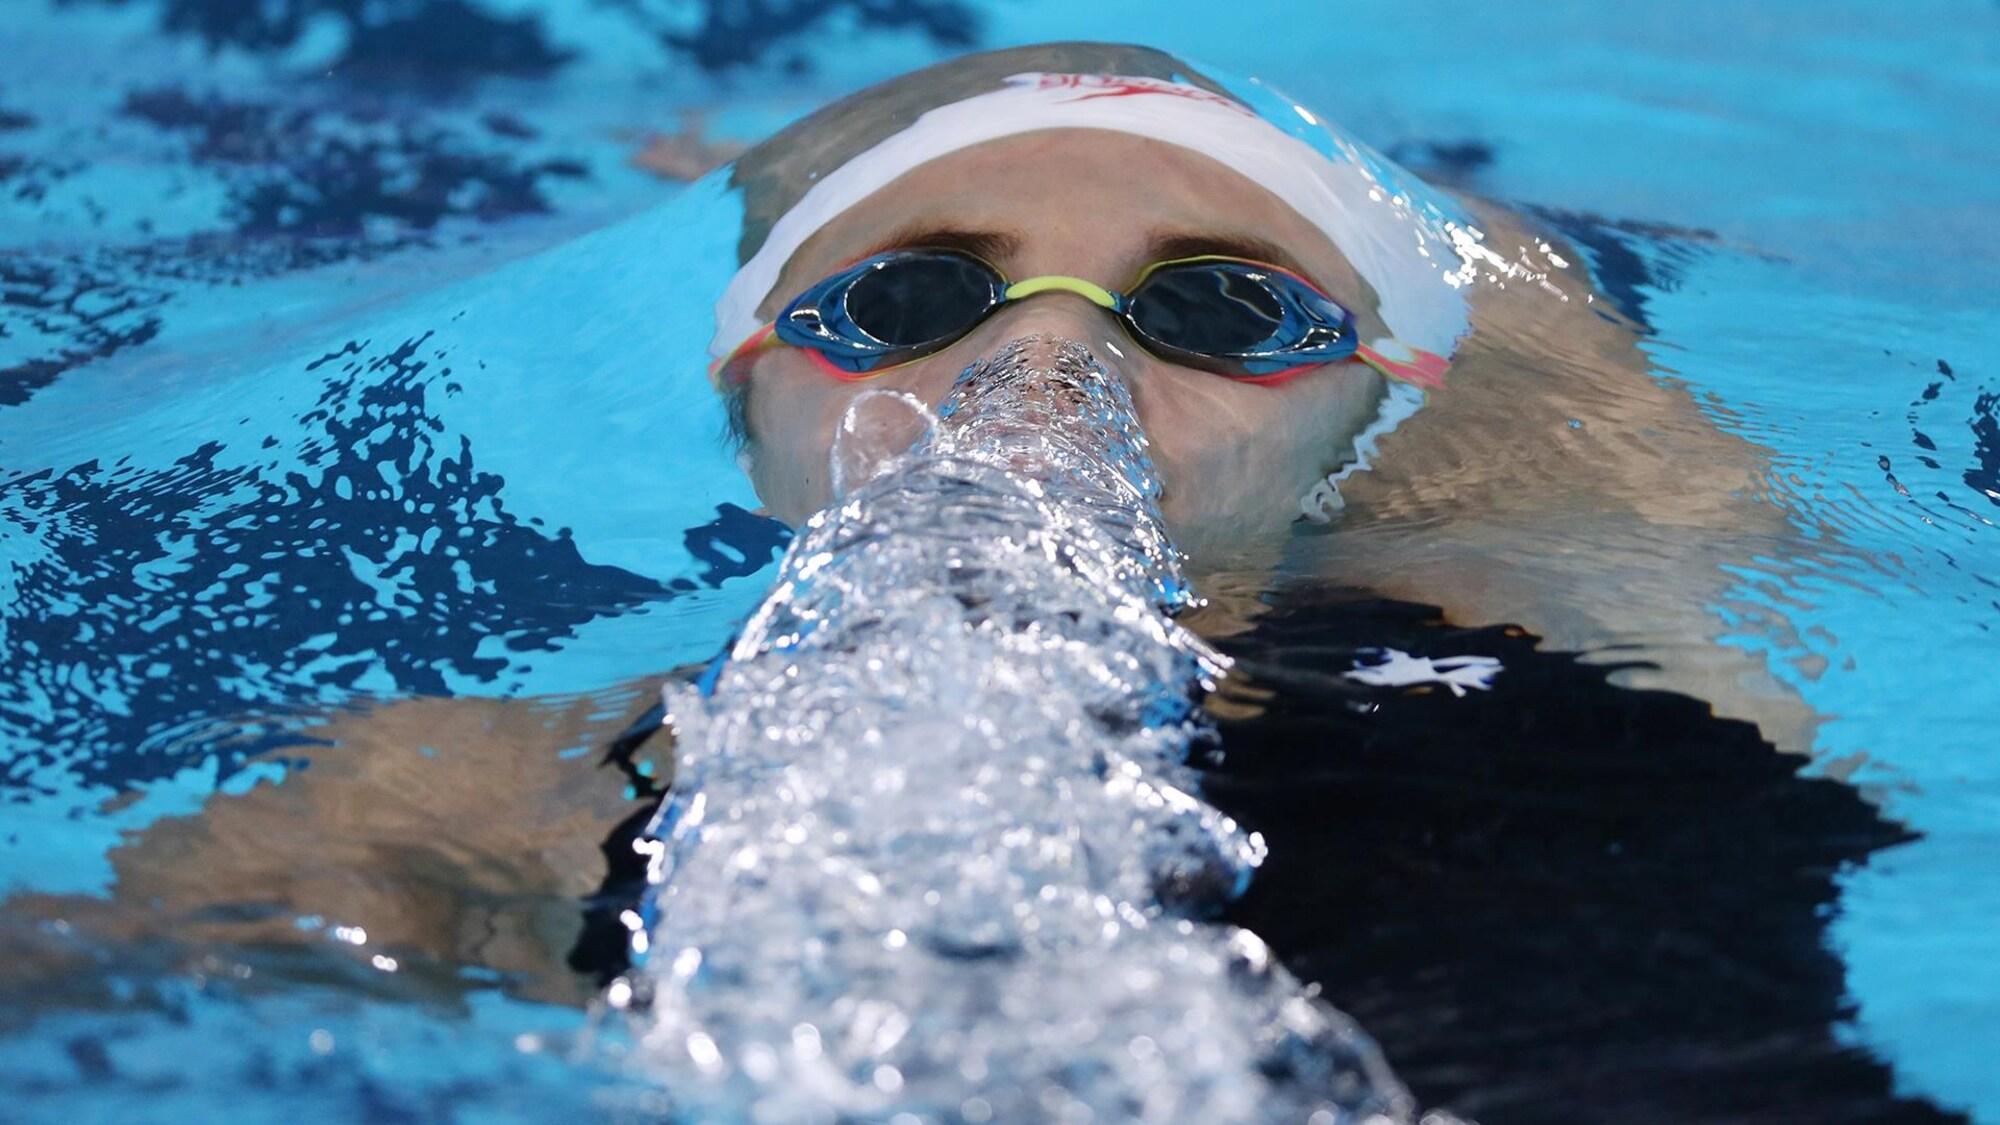 Une nageuse fait des bulles en expirant sous l'eau.